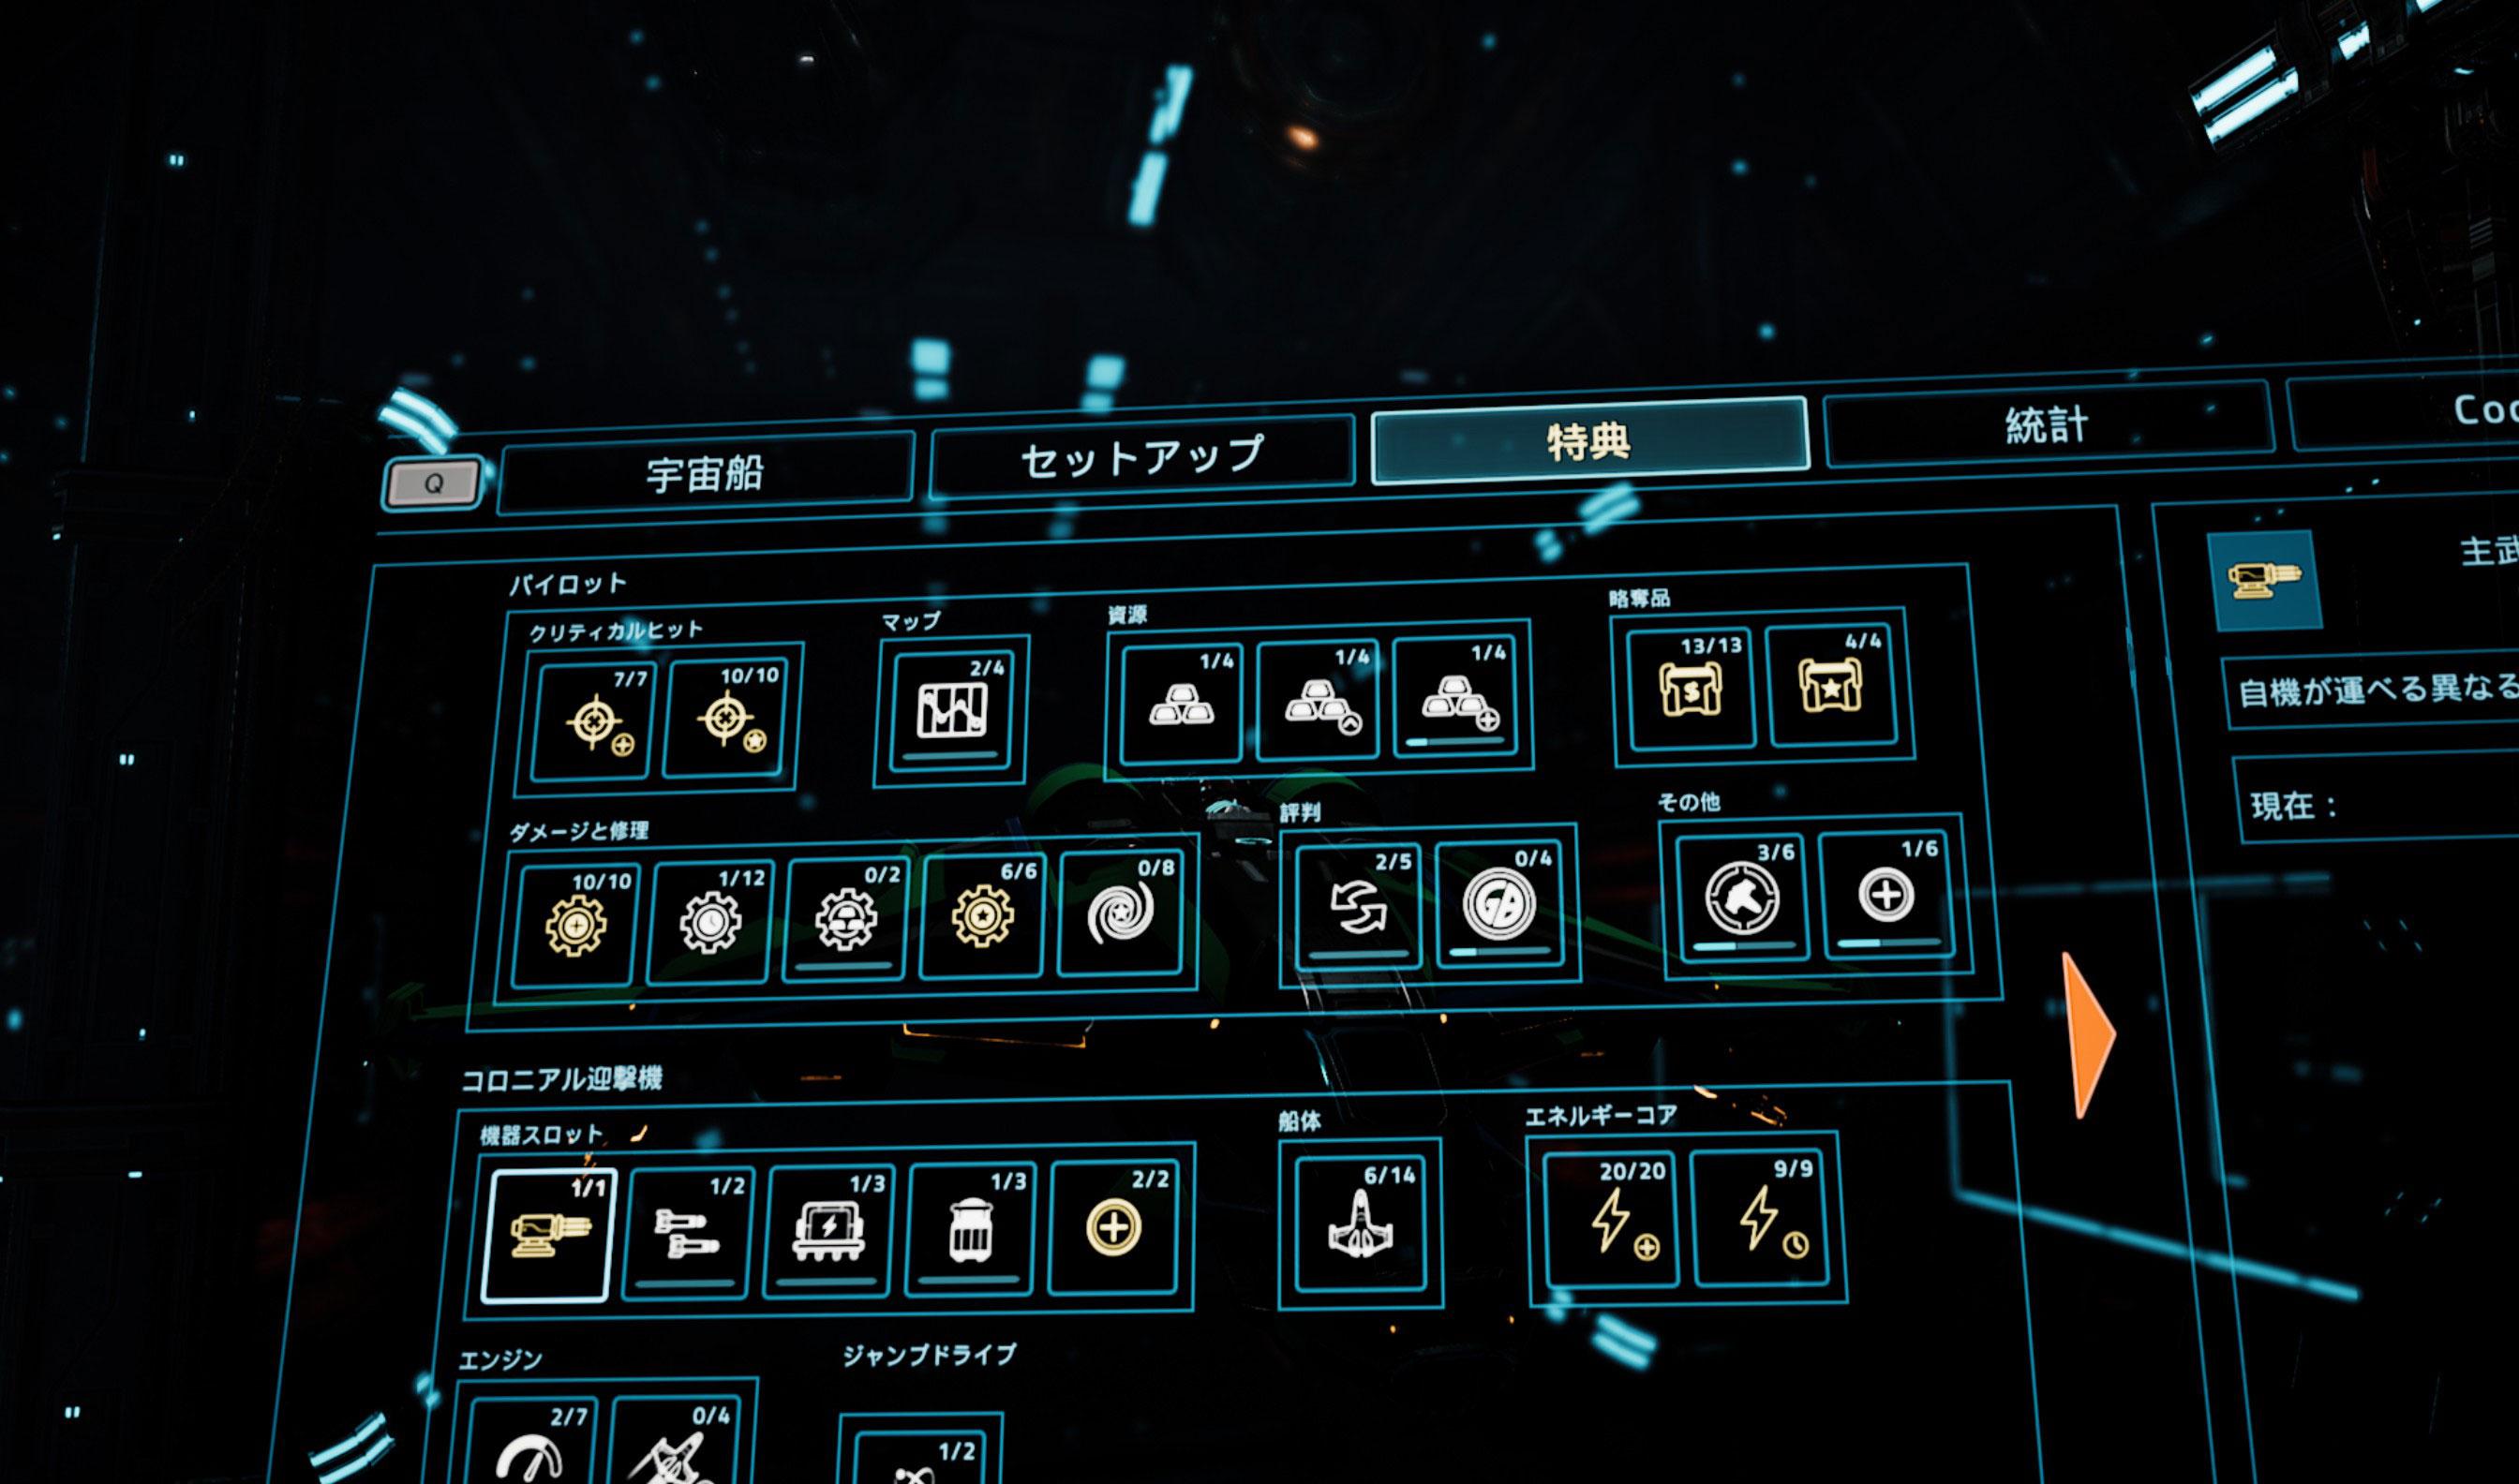 EVERSPACE】VR対応おすすめスペースシューティングゲームやって